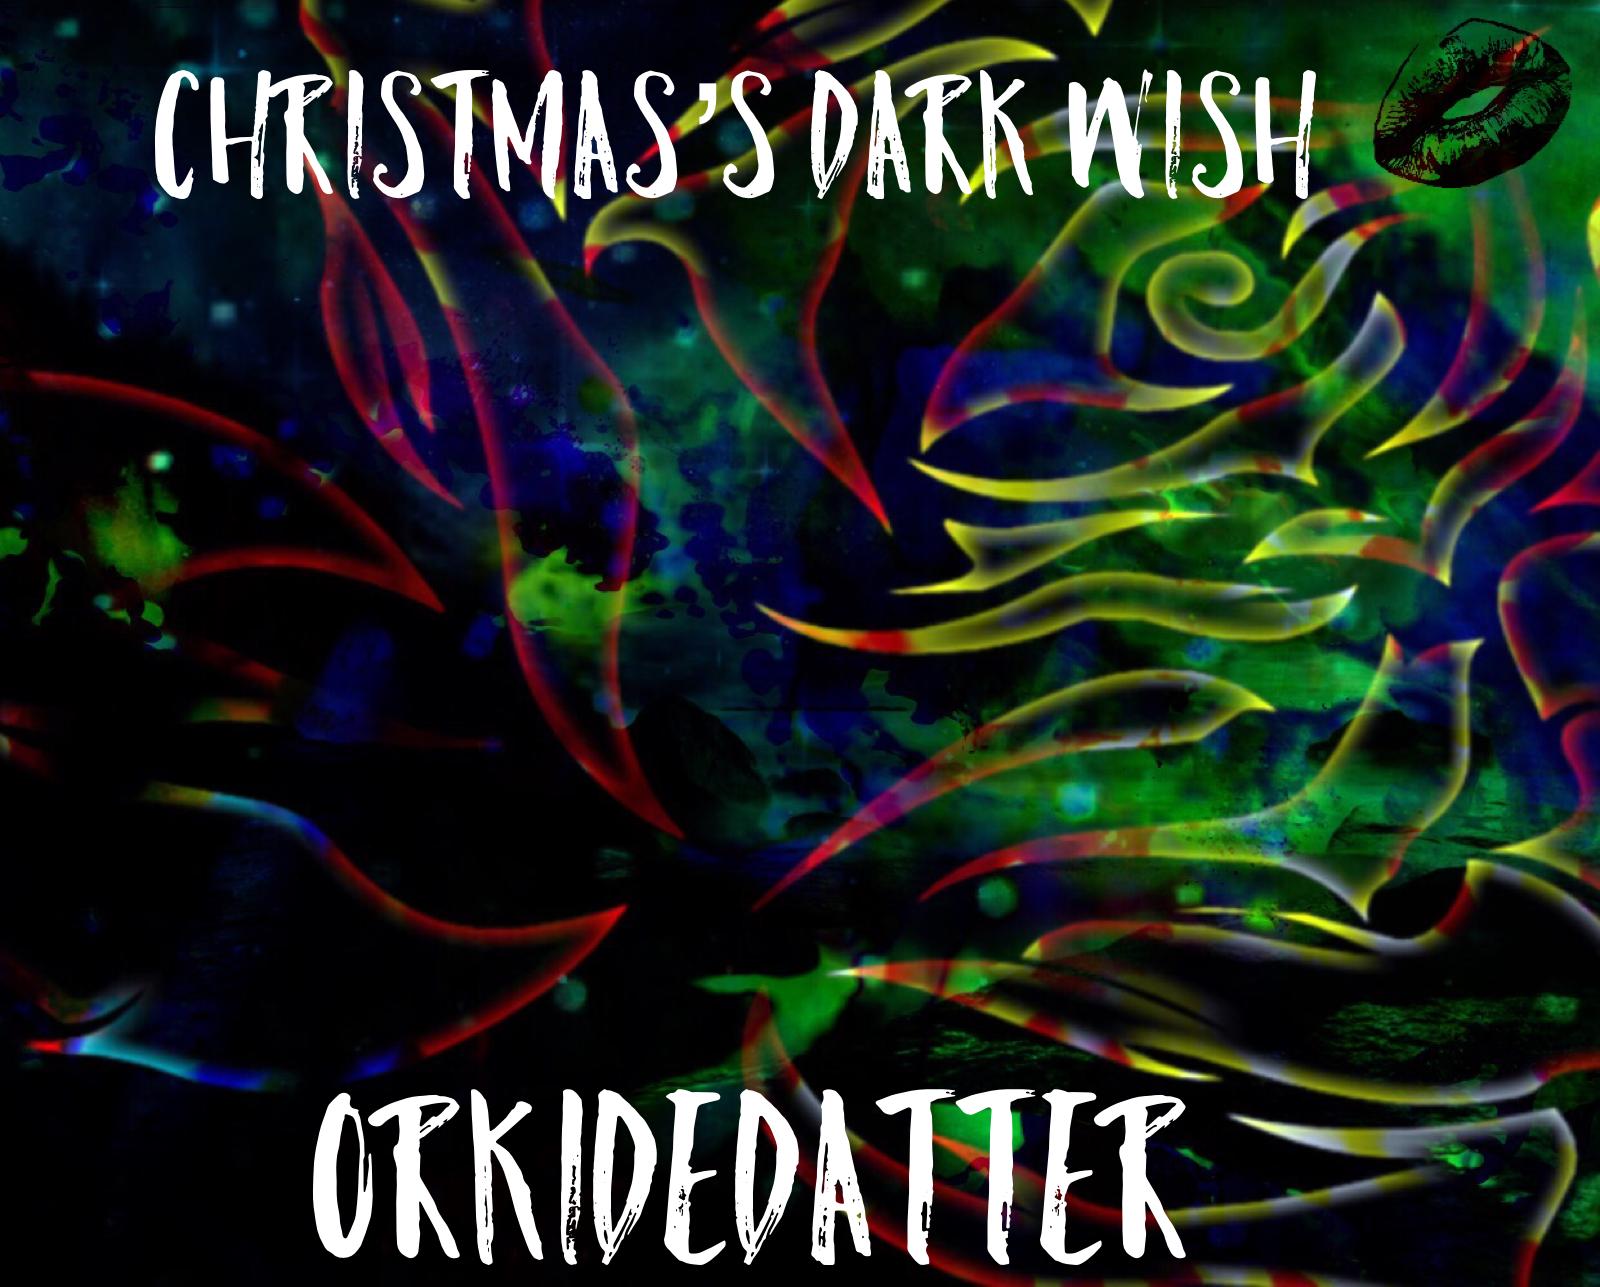 Orkidedatter darksoulpoet poet poems romance love writer author forfatter Norway Norge norsk forfatter artist kunstner skribent dikter poetry life Christmas jul